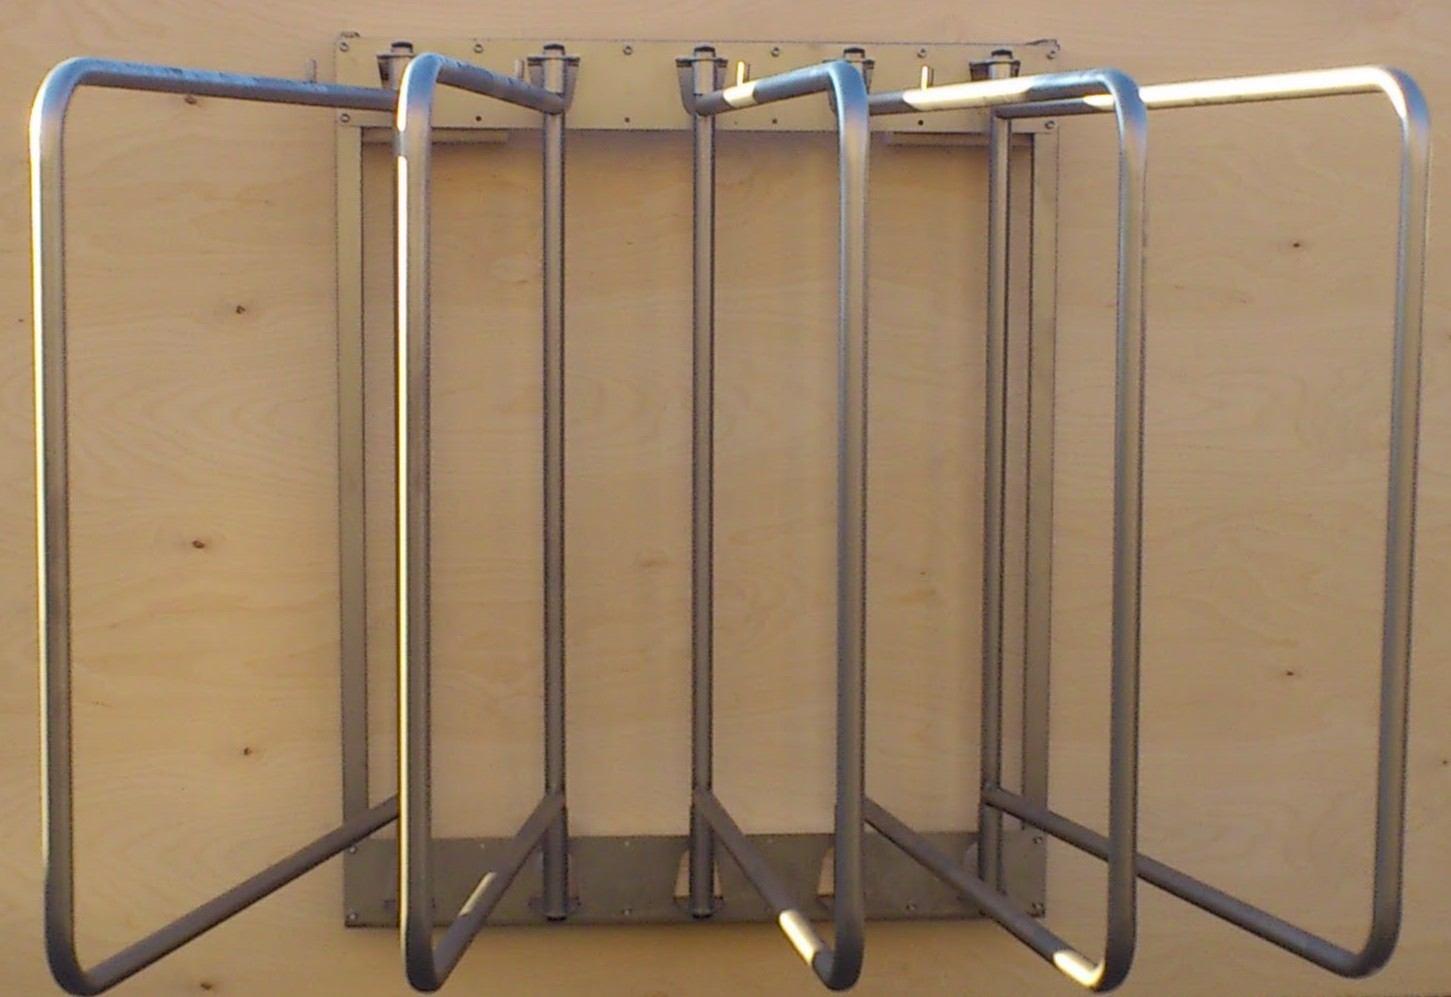 Porta coperte pieghevole aeqz stable equipment - Porta pieghevole ...